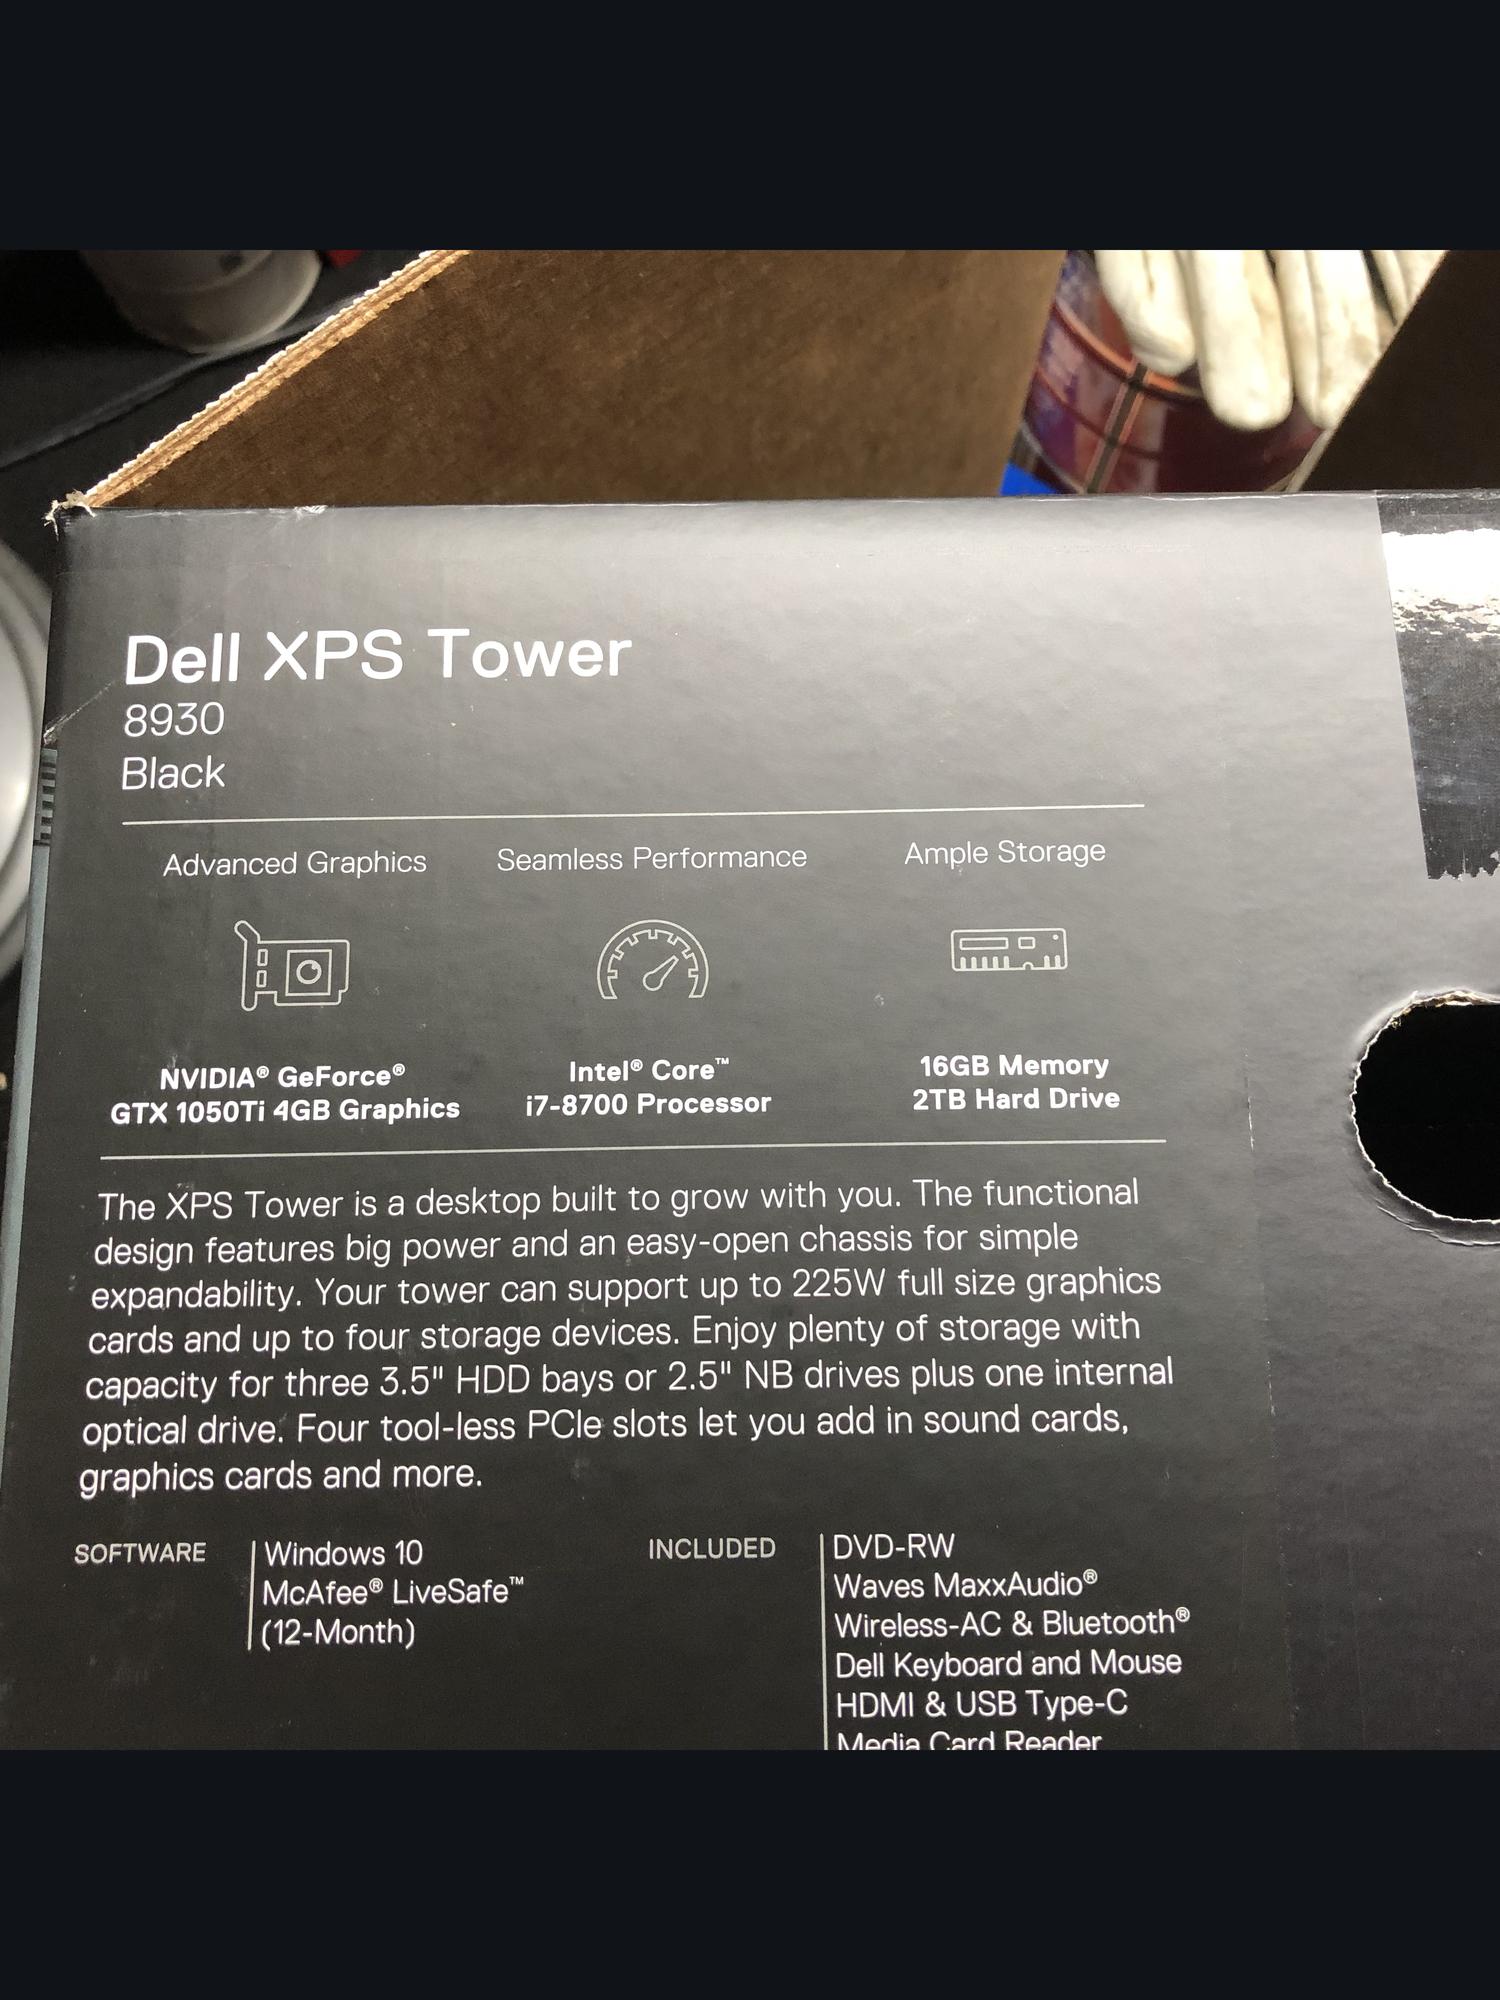 Sold: Dell XPS 8930 Desktop PC - Local Sale - FM Forums